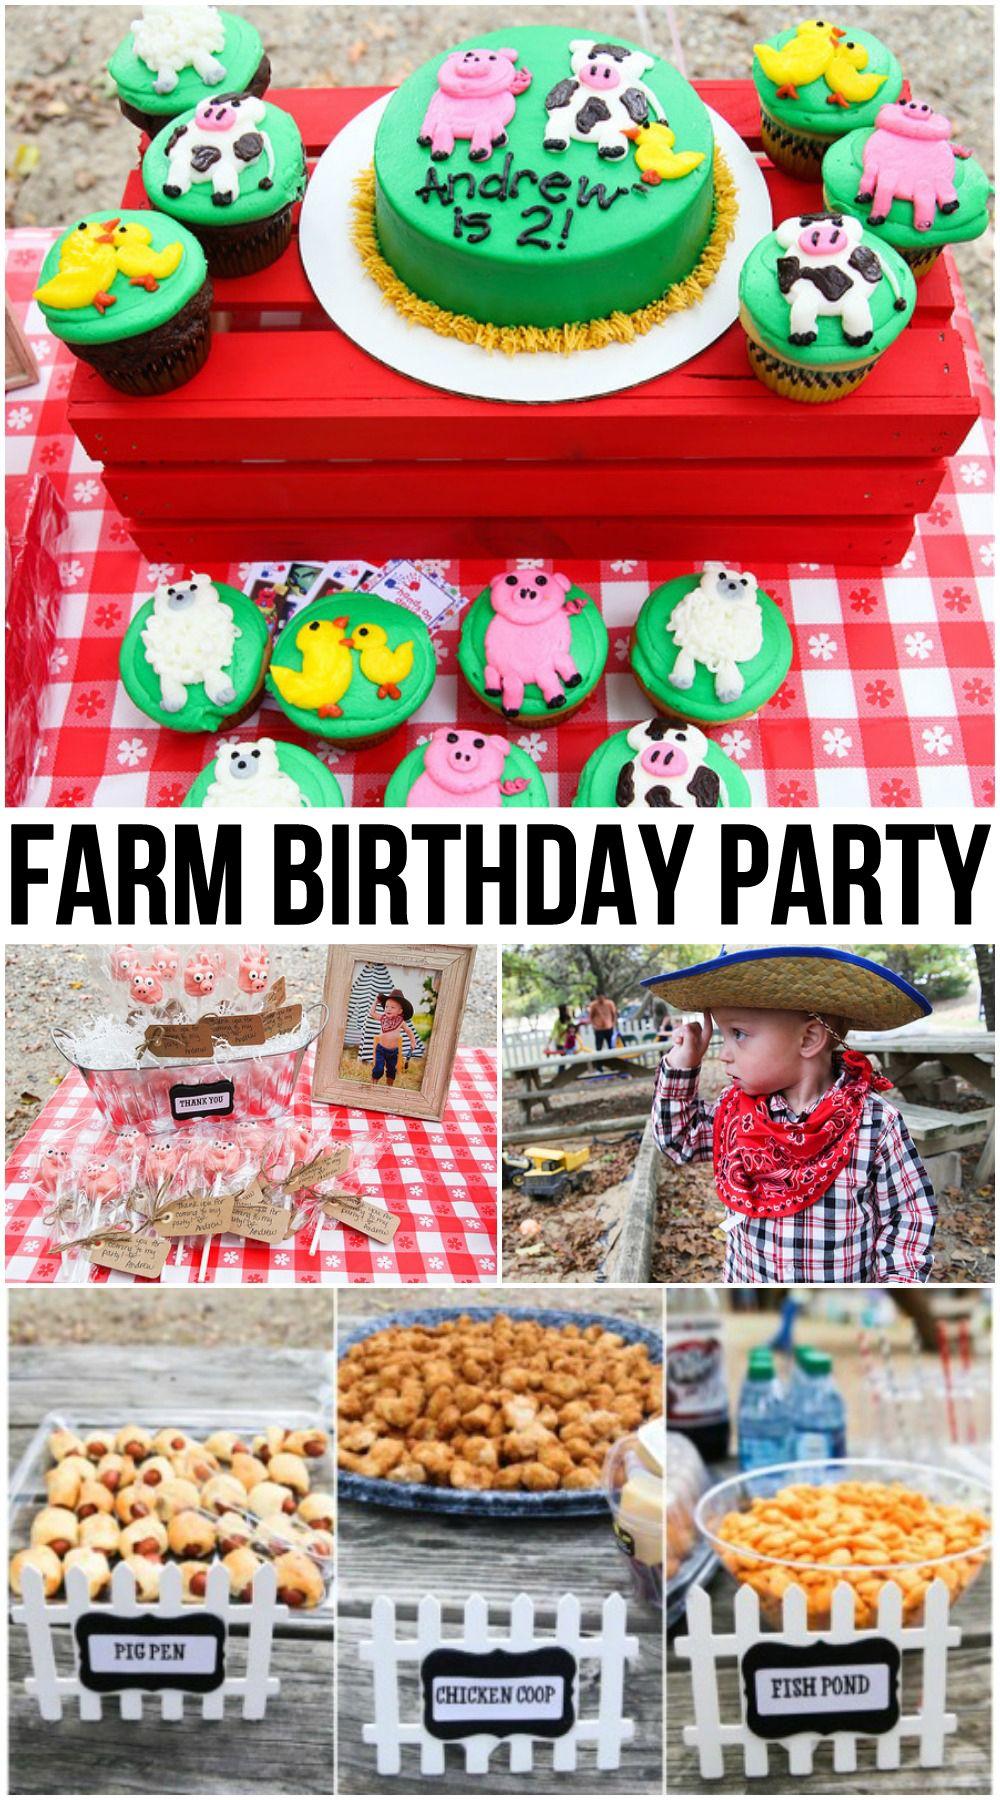 Farm Birthday Party Theme for Toddler Boys